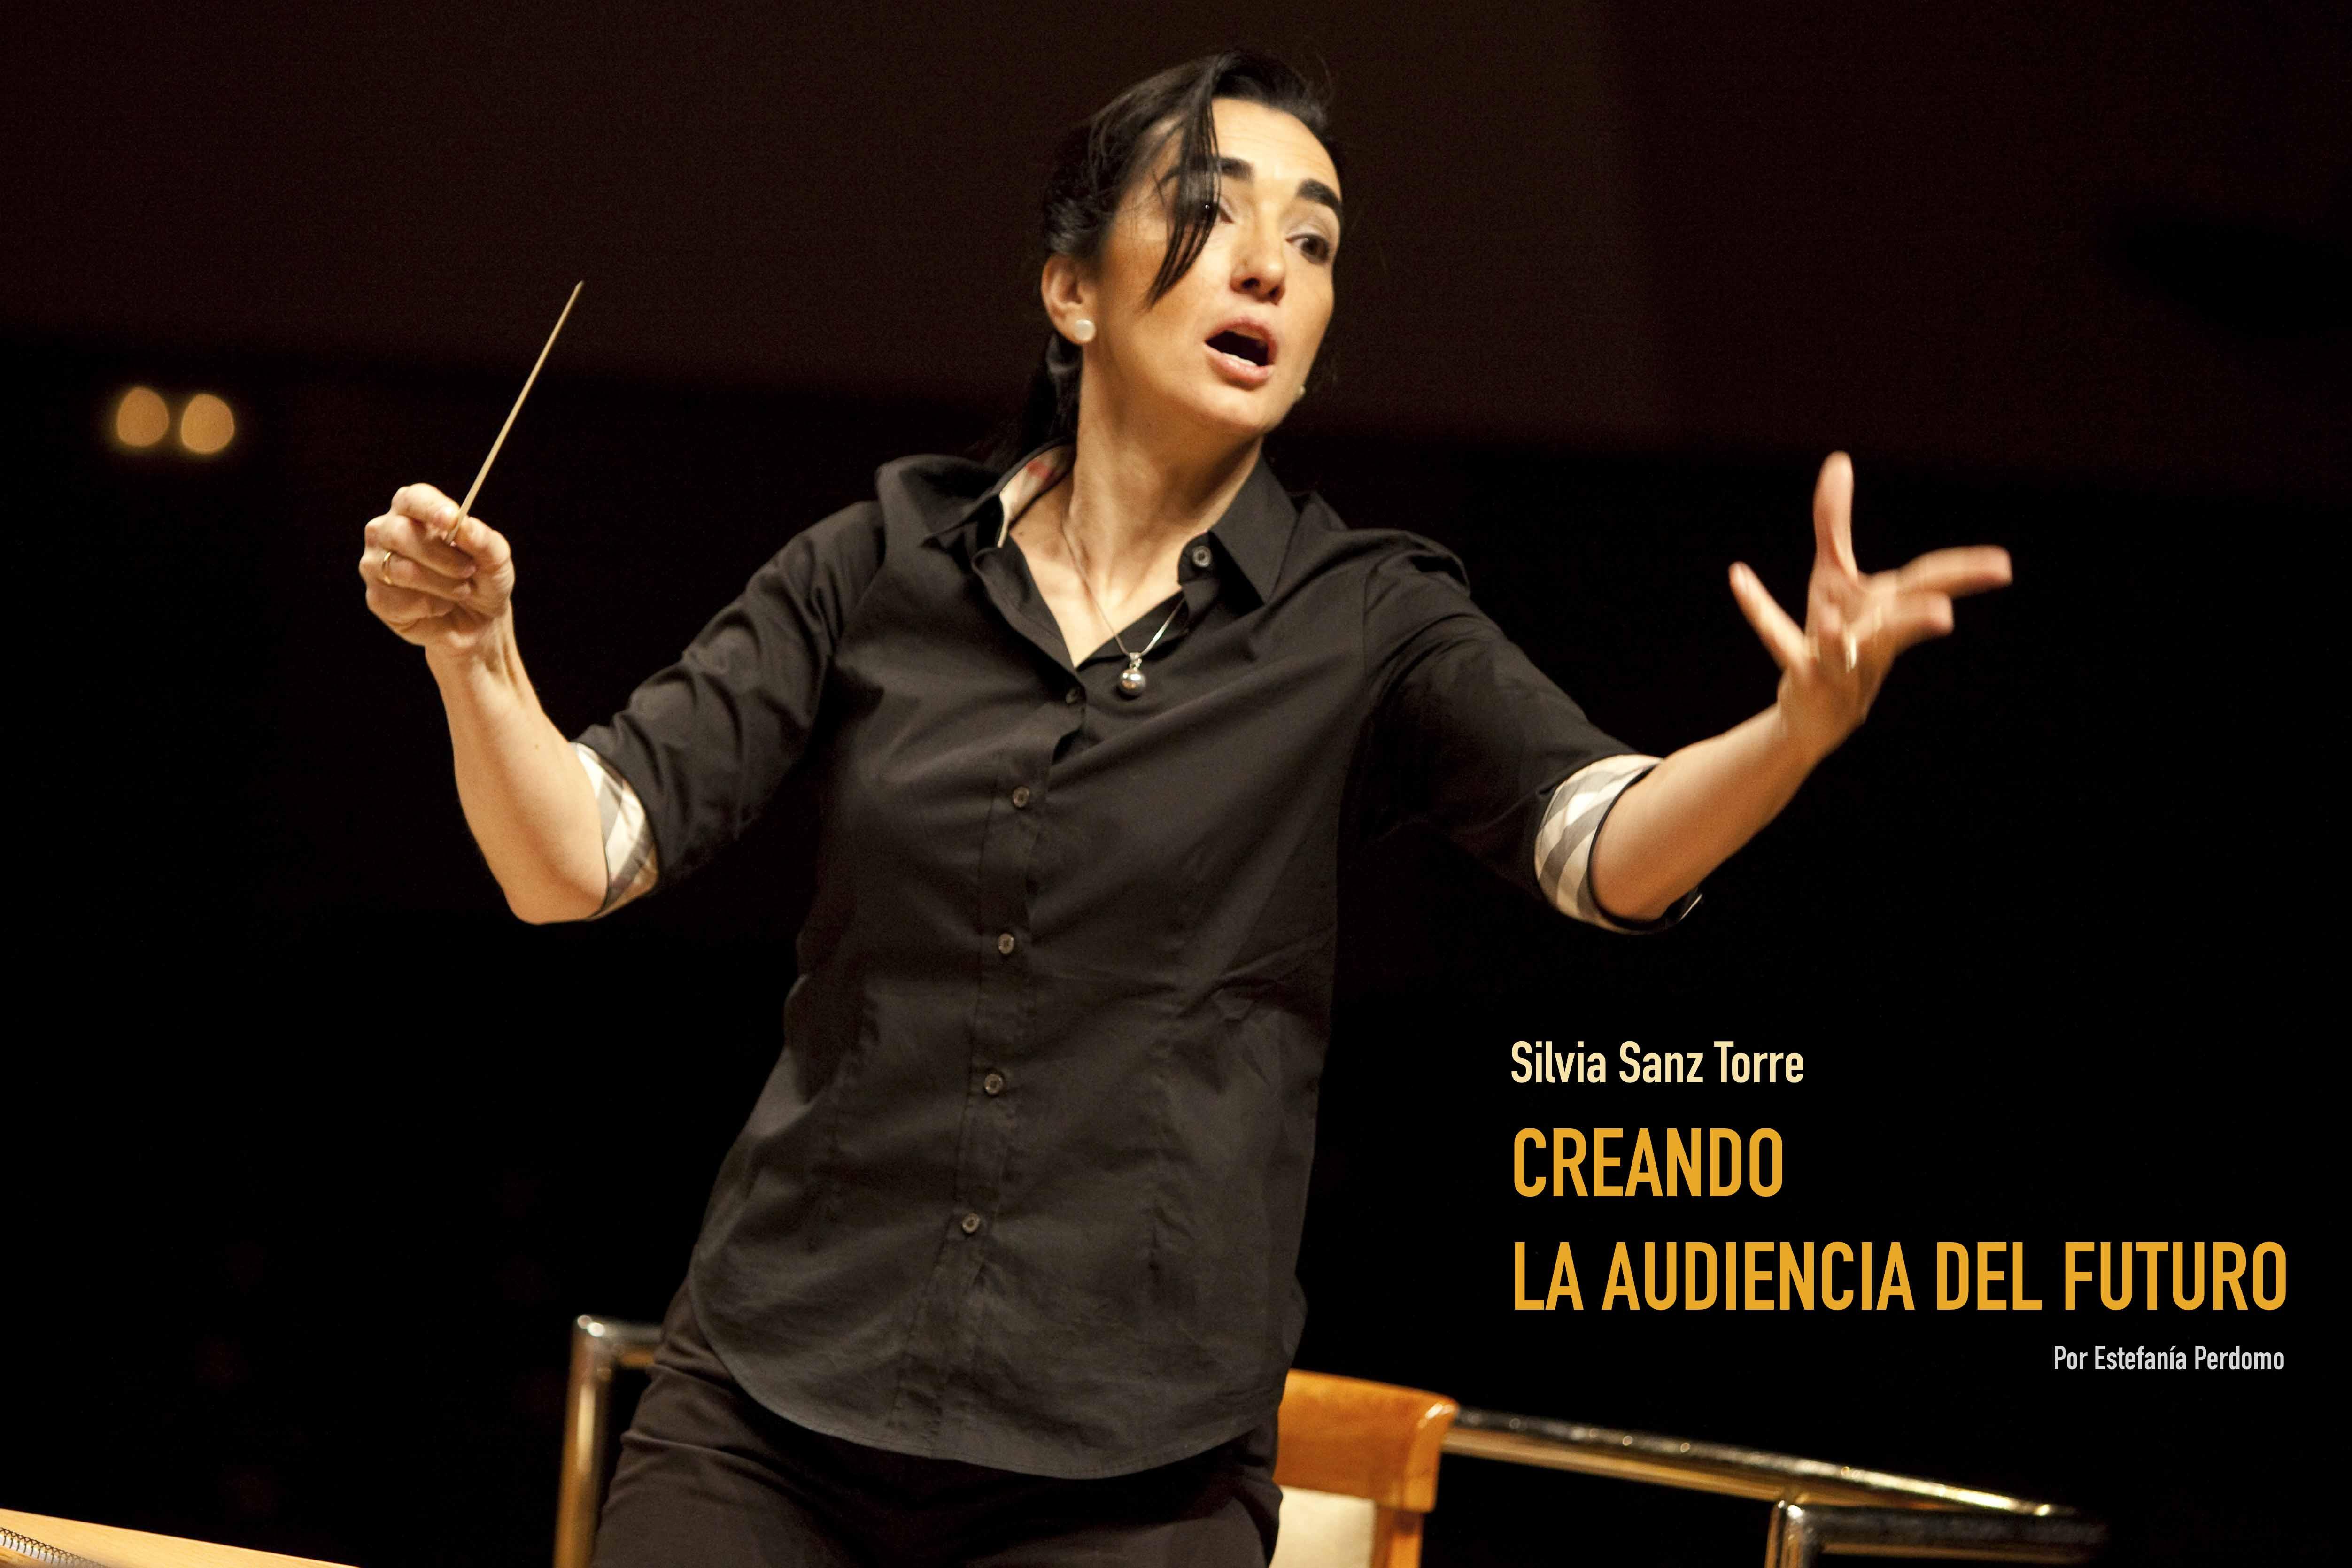 Silvia Sanz Torre